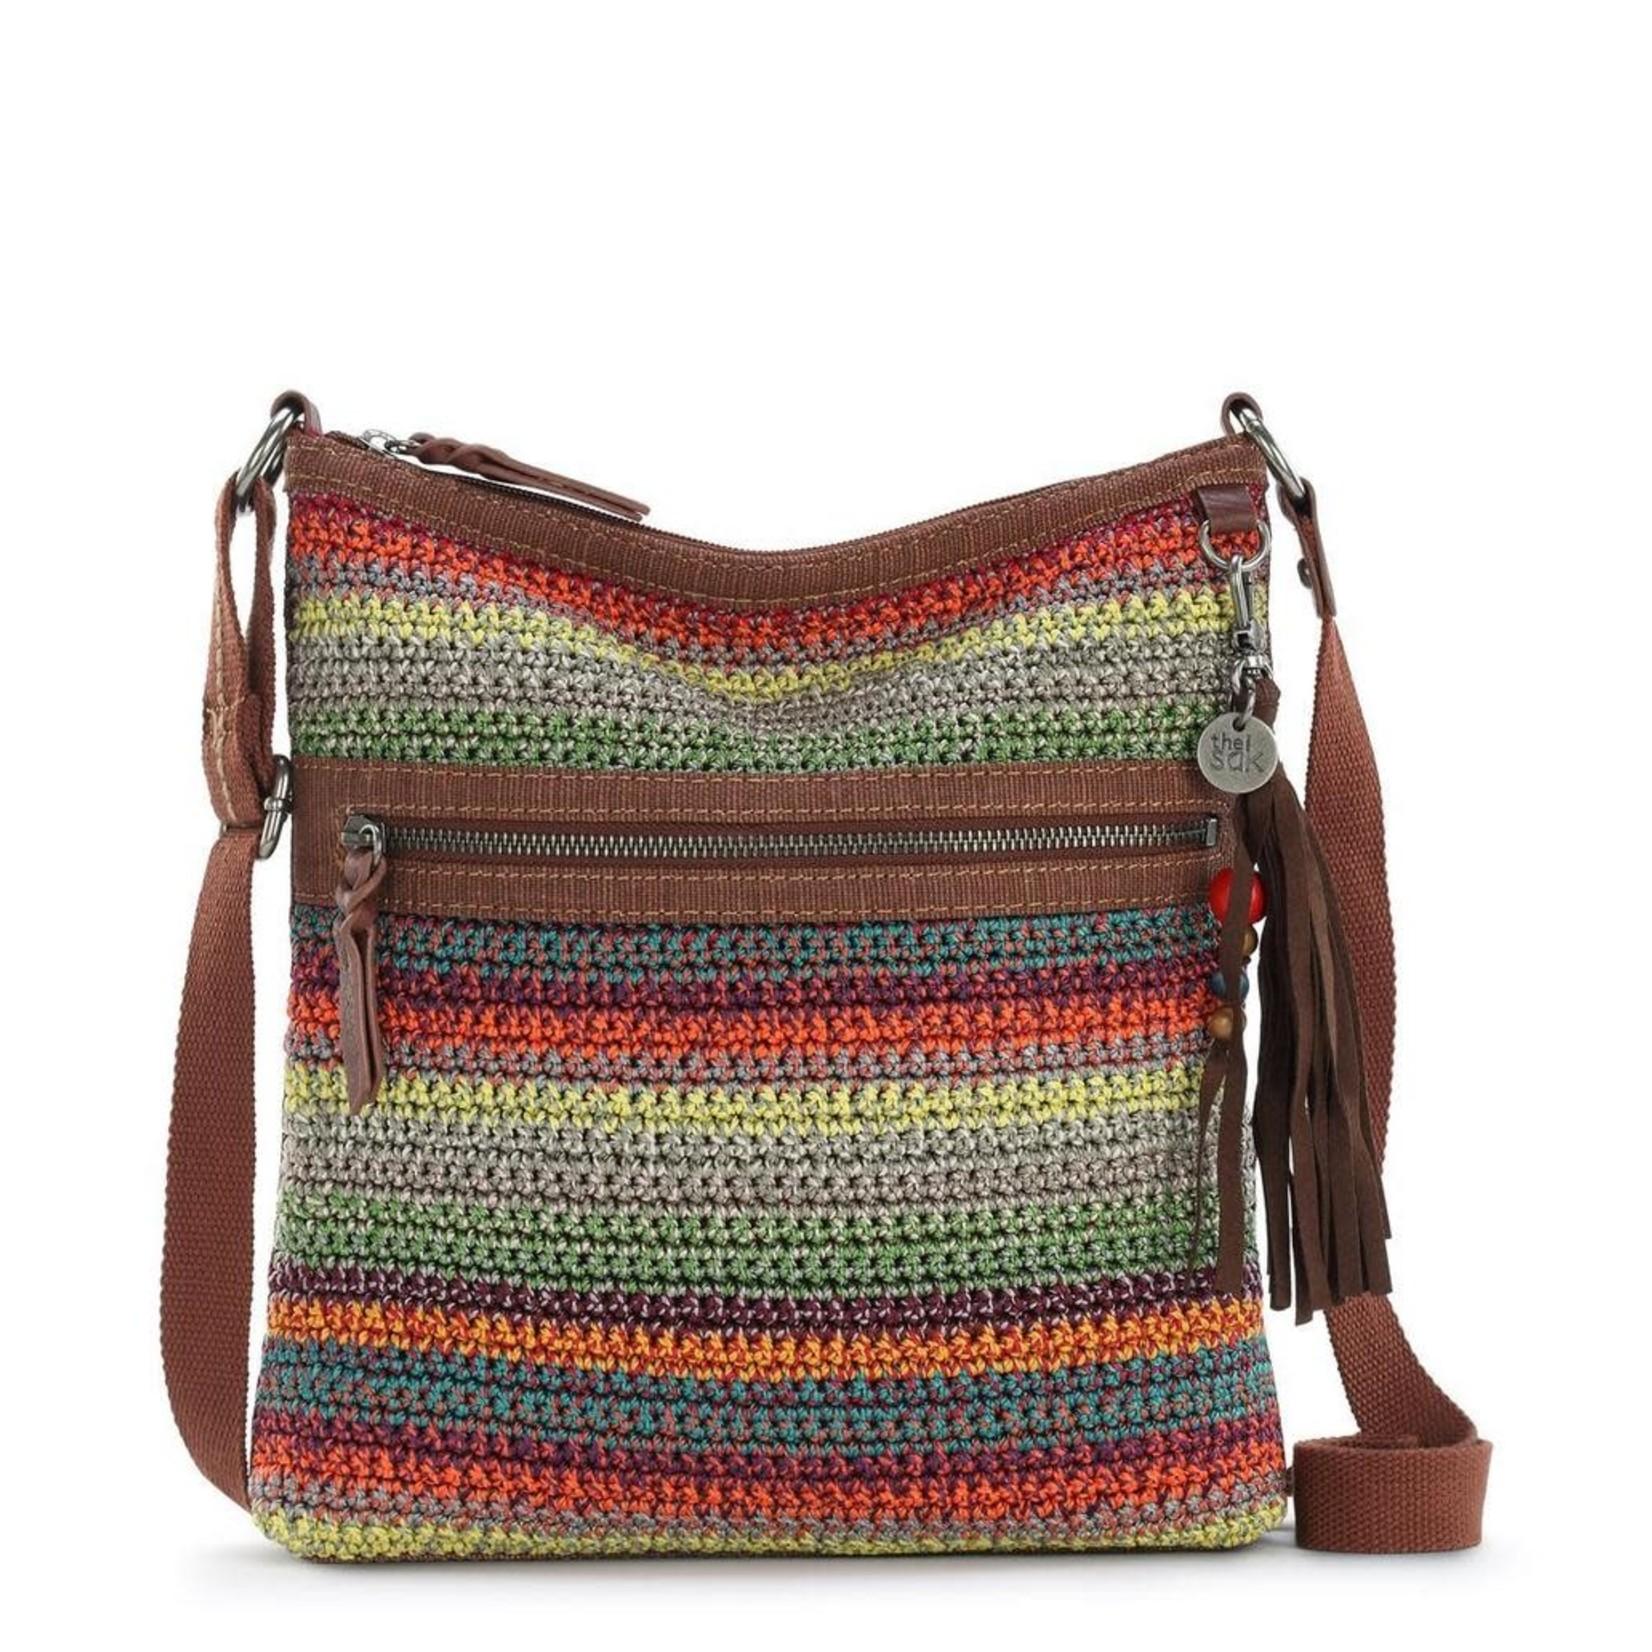 The Sak Lucia Crochet Crossbody - Sunset Stripe